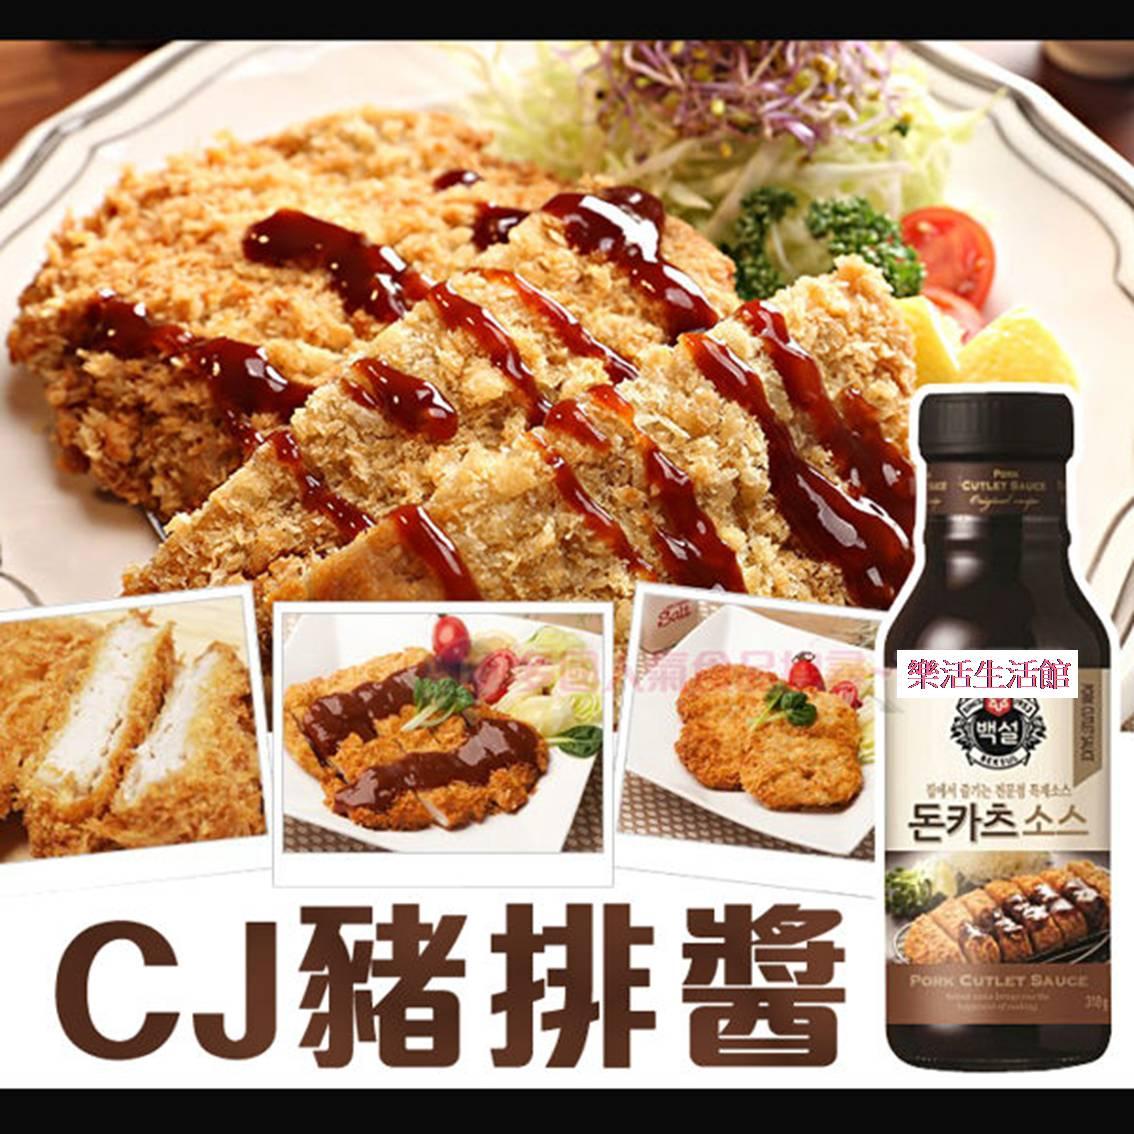 韓國 CJ炸豬排醬 315g  【樂活生活館】